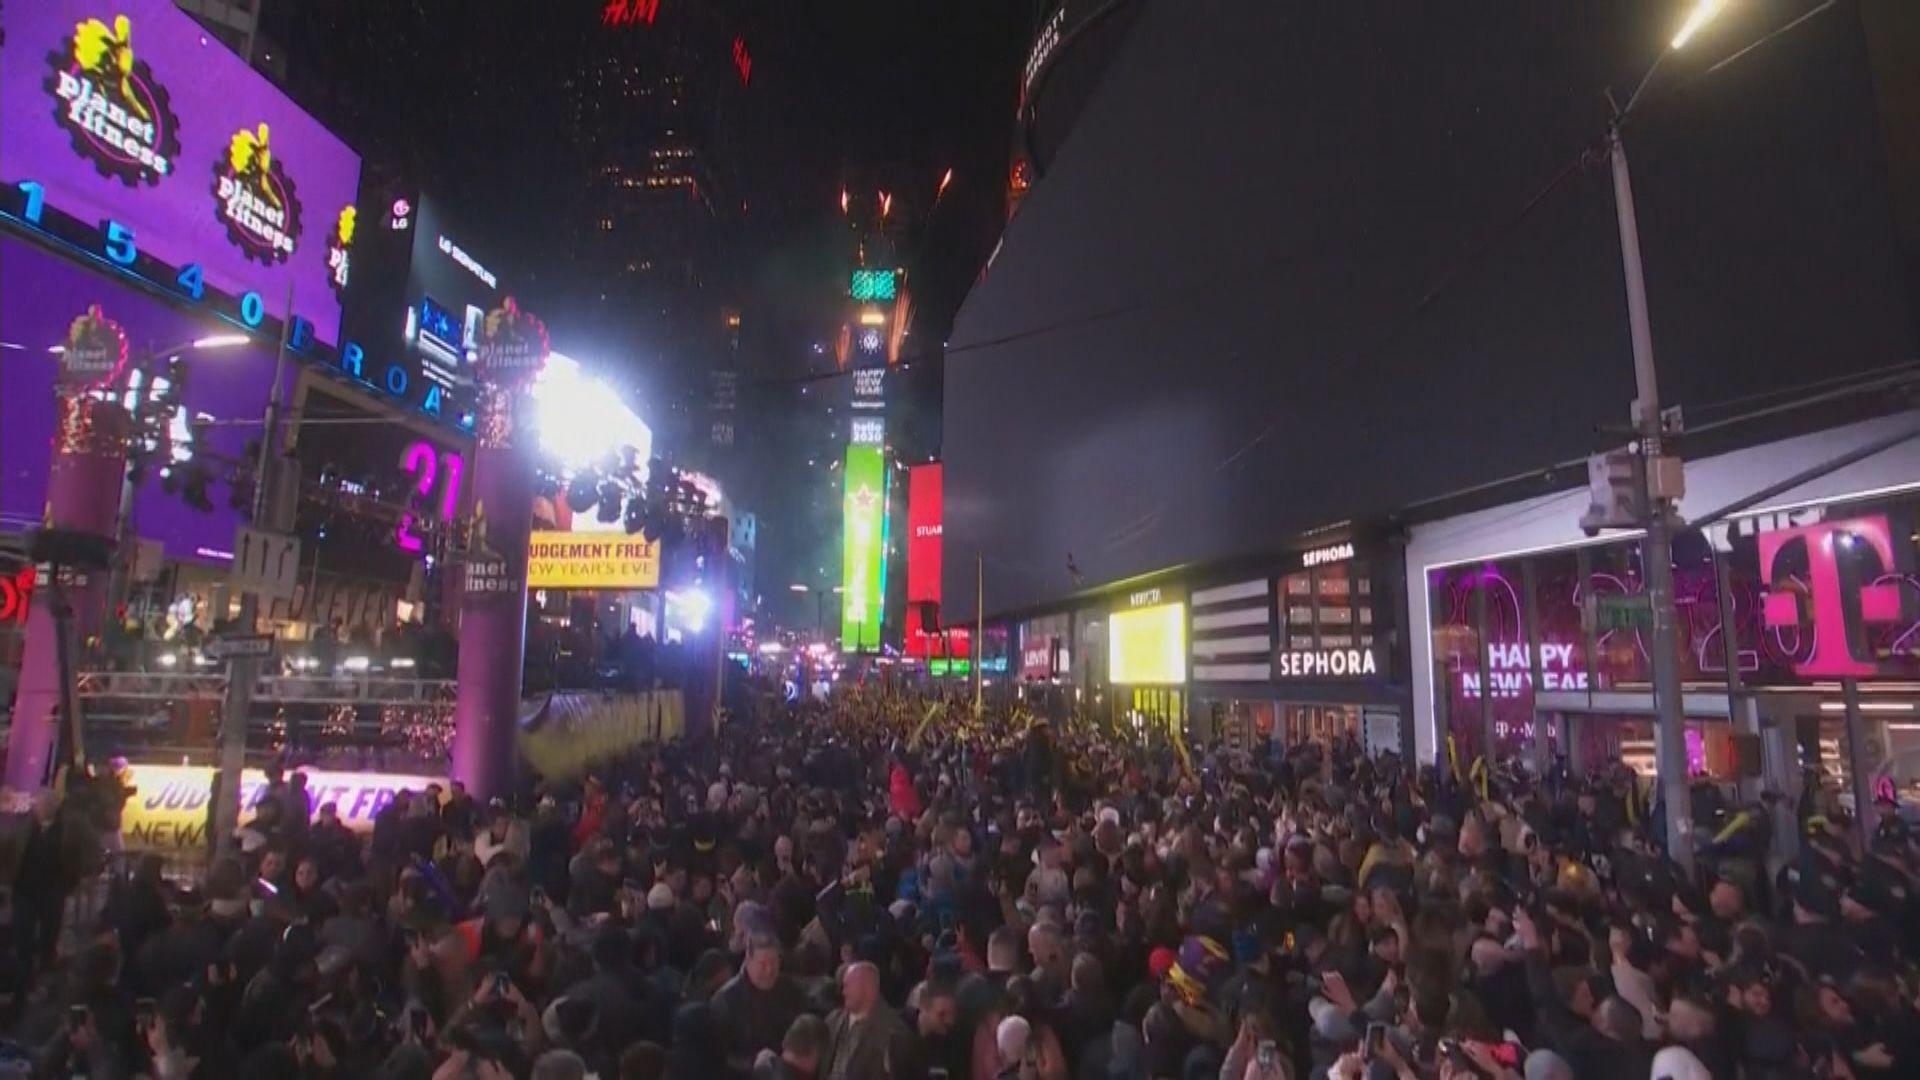 紐約時代廣場倒數活動迎新年